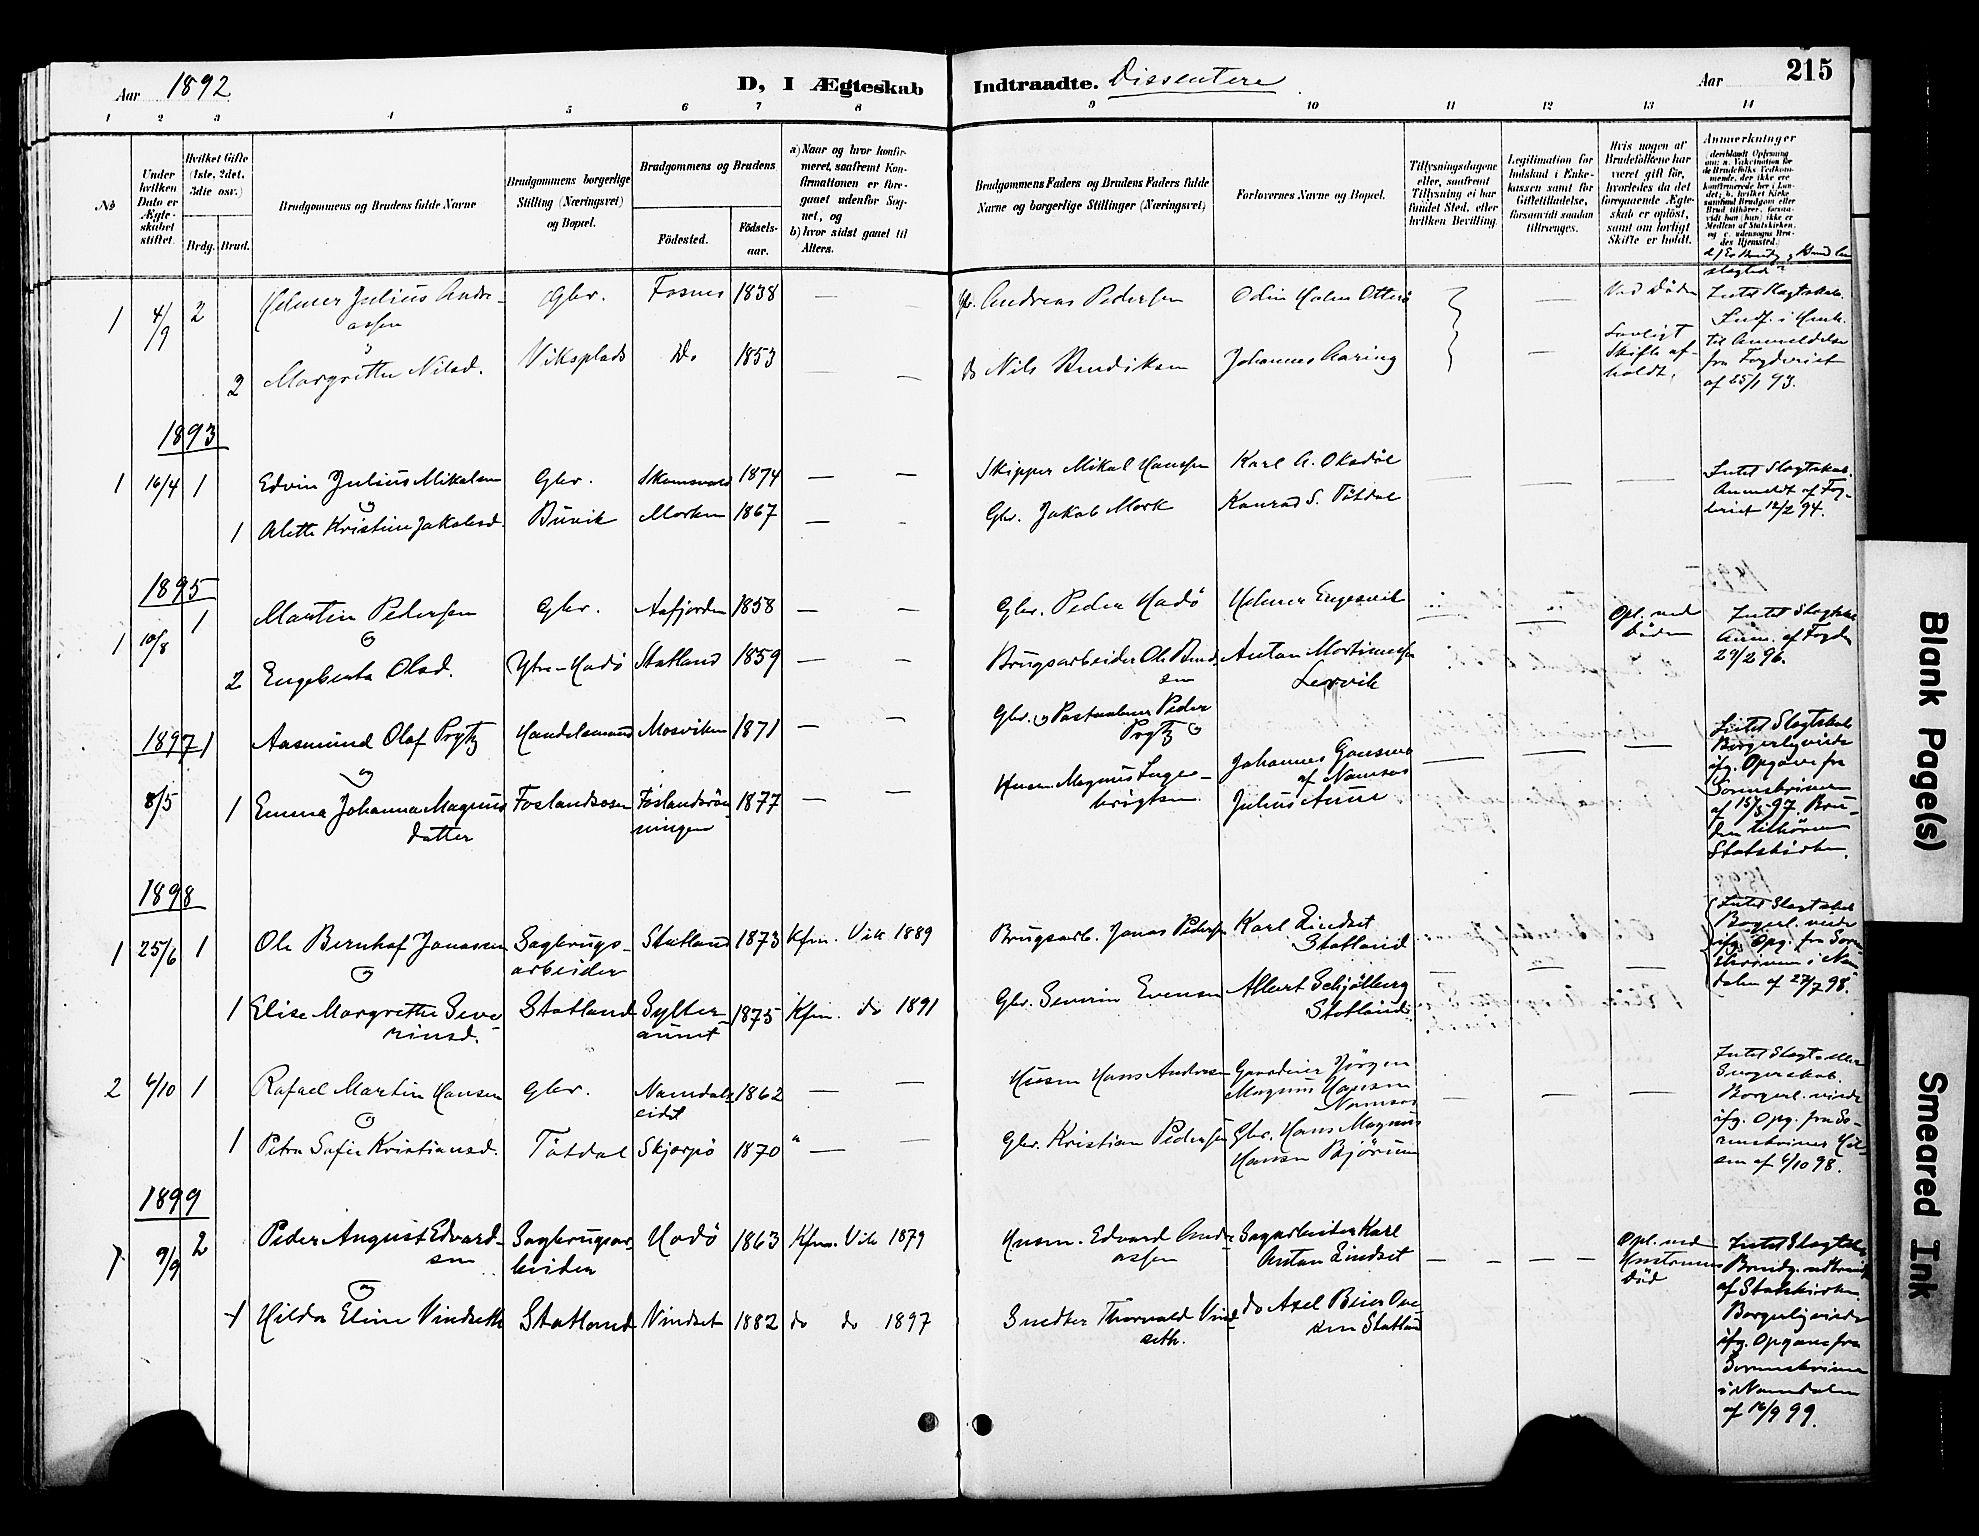 SAT, Ministerialprotokoller, klokkerbøker og fødselsregistre - Nord-Trøndelag, 774/L0628: Ministerialbok nr. 774A02, 1887-1903, s. 215